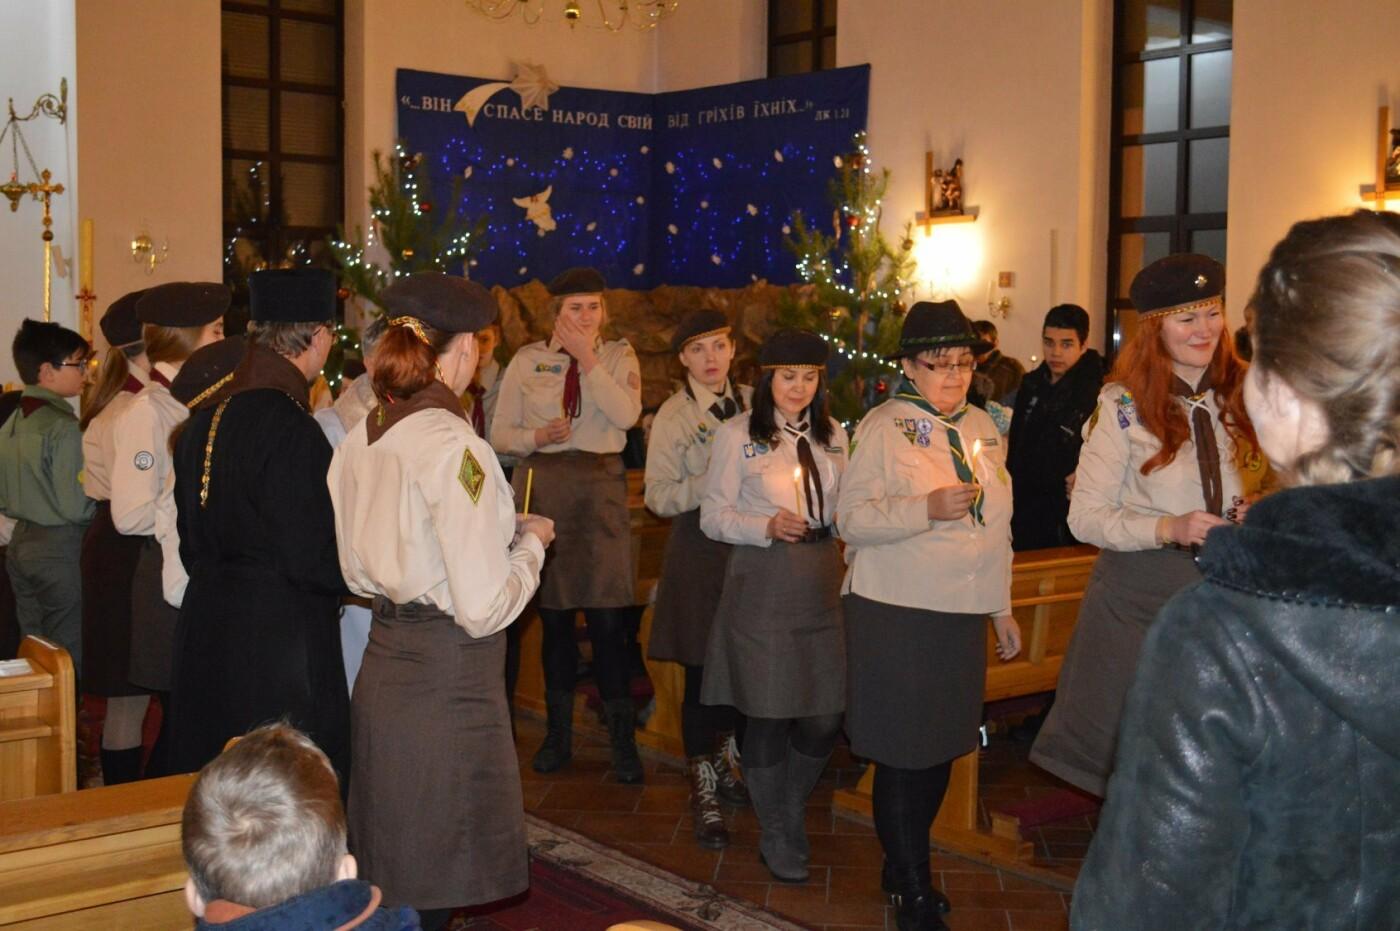 В Кривом Роге христиане западного обряда отмечают Рождество с Вифлиемским огнем, - ФОТО, фото-2